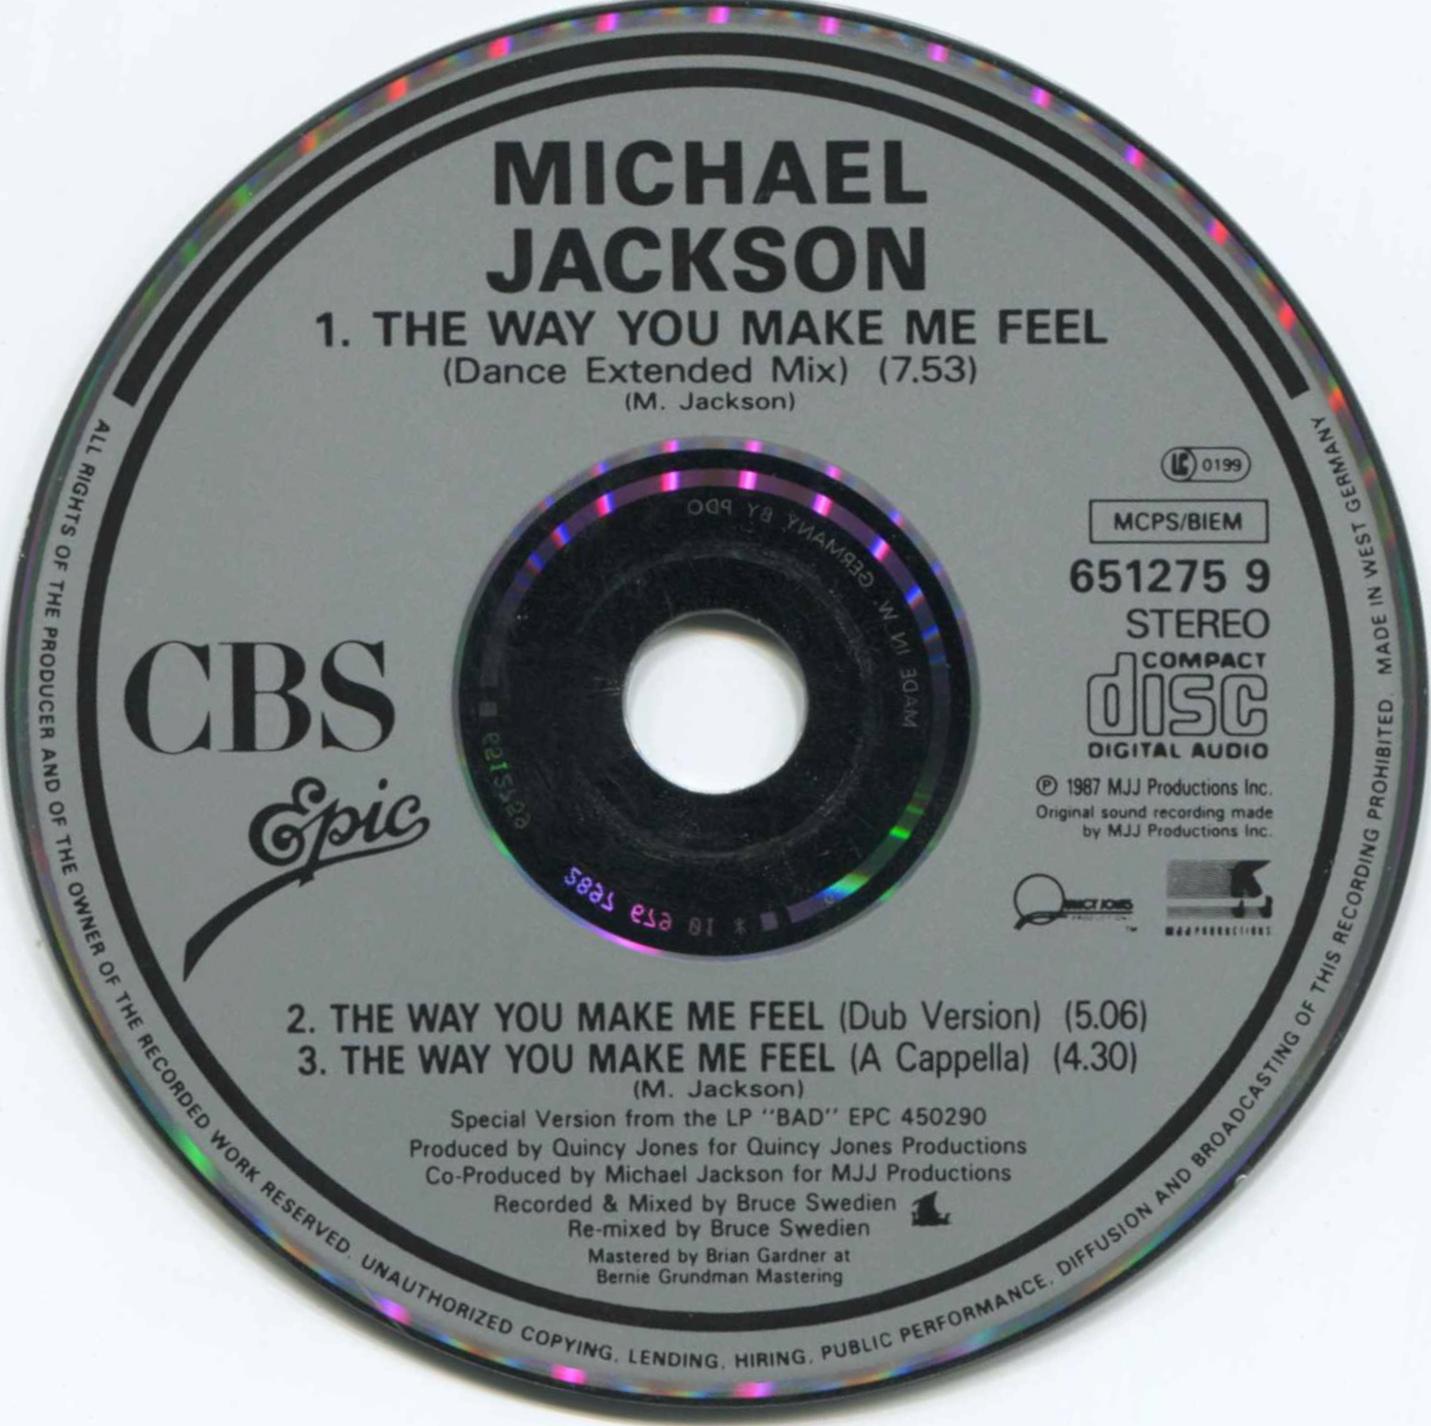 http://4.bp.blogspot.com/-C4P-1U-css4/TytSANDDunI/AAAAAAAADUo/0laVOXl9iIc/s1600/Jacksons+(Michael)+(Bad)+(The+Way+You+Make+Me+Feel)+CD.jpg